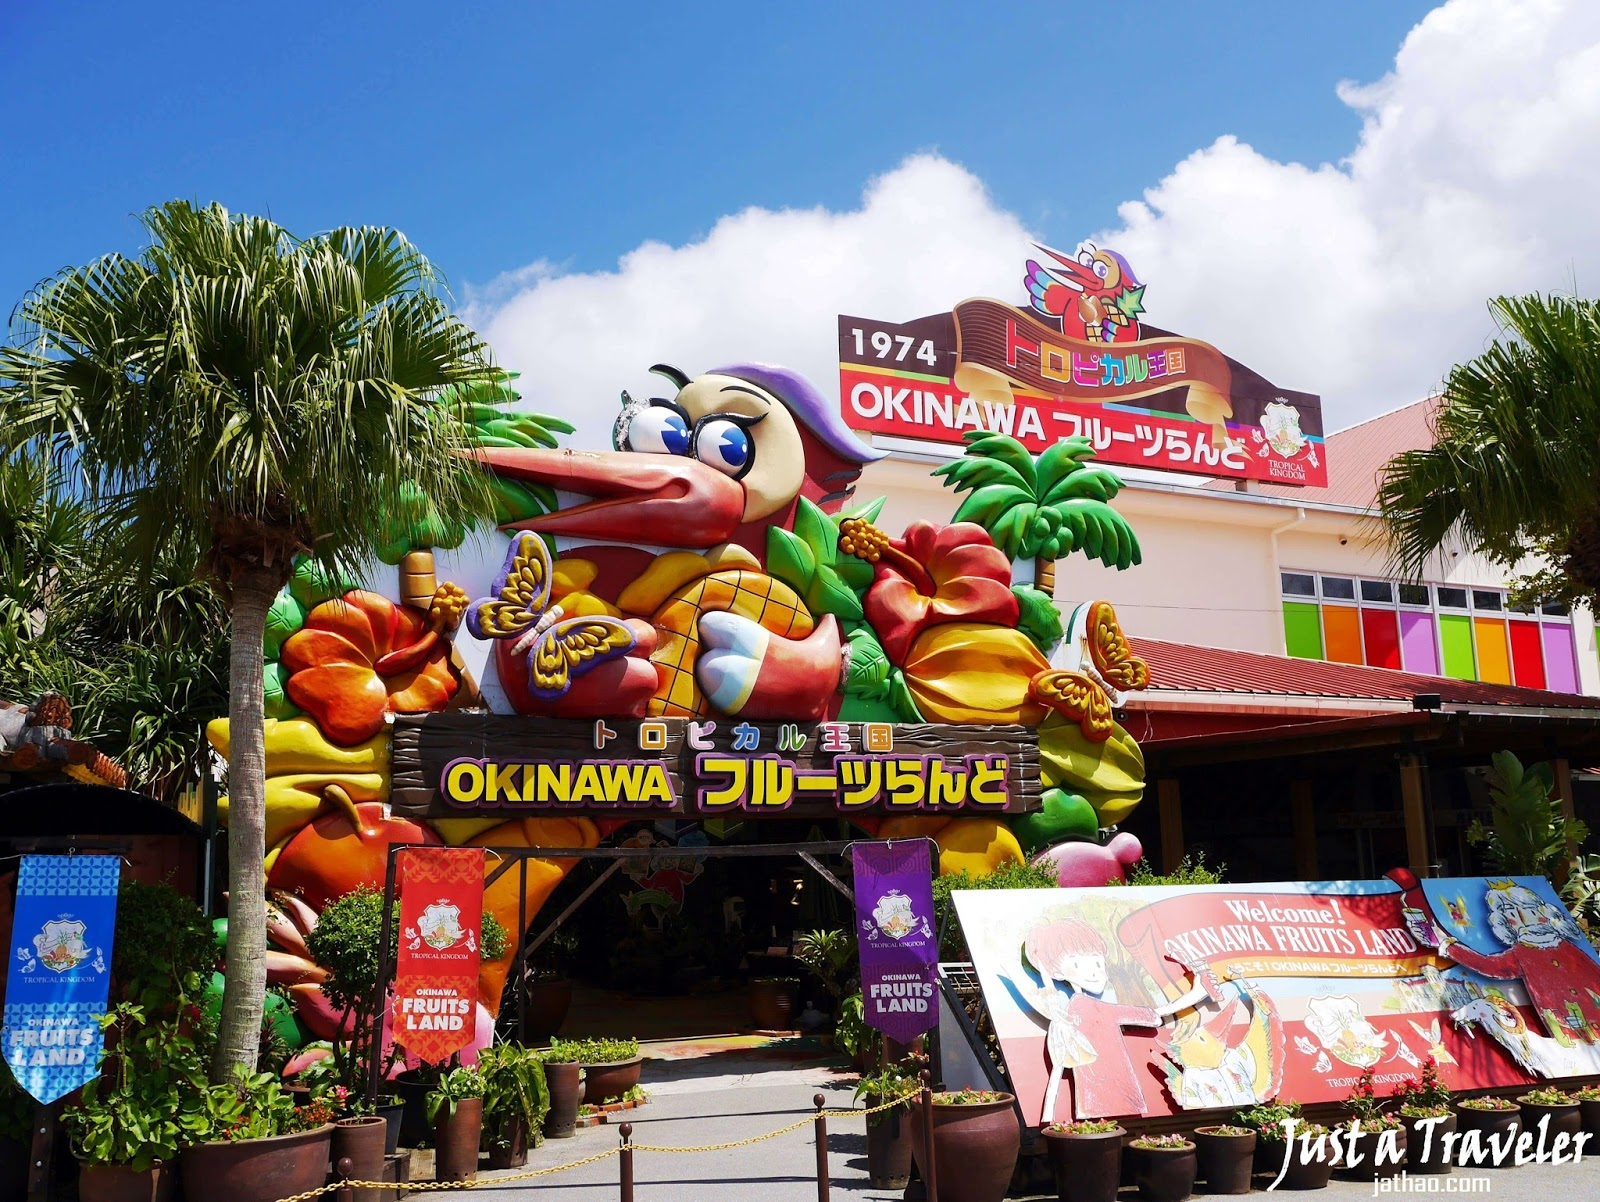 沖繩-沖繩景點-推薦-水果樂園-名護-沖繩自由行景點-沖繩北部景點-沖繩旅遊-沖繩觀光景點-Okinawa-attraction-Fruitland-Nago-Toruist-destination